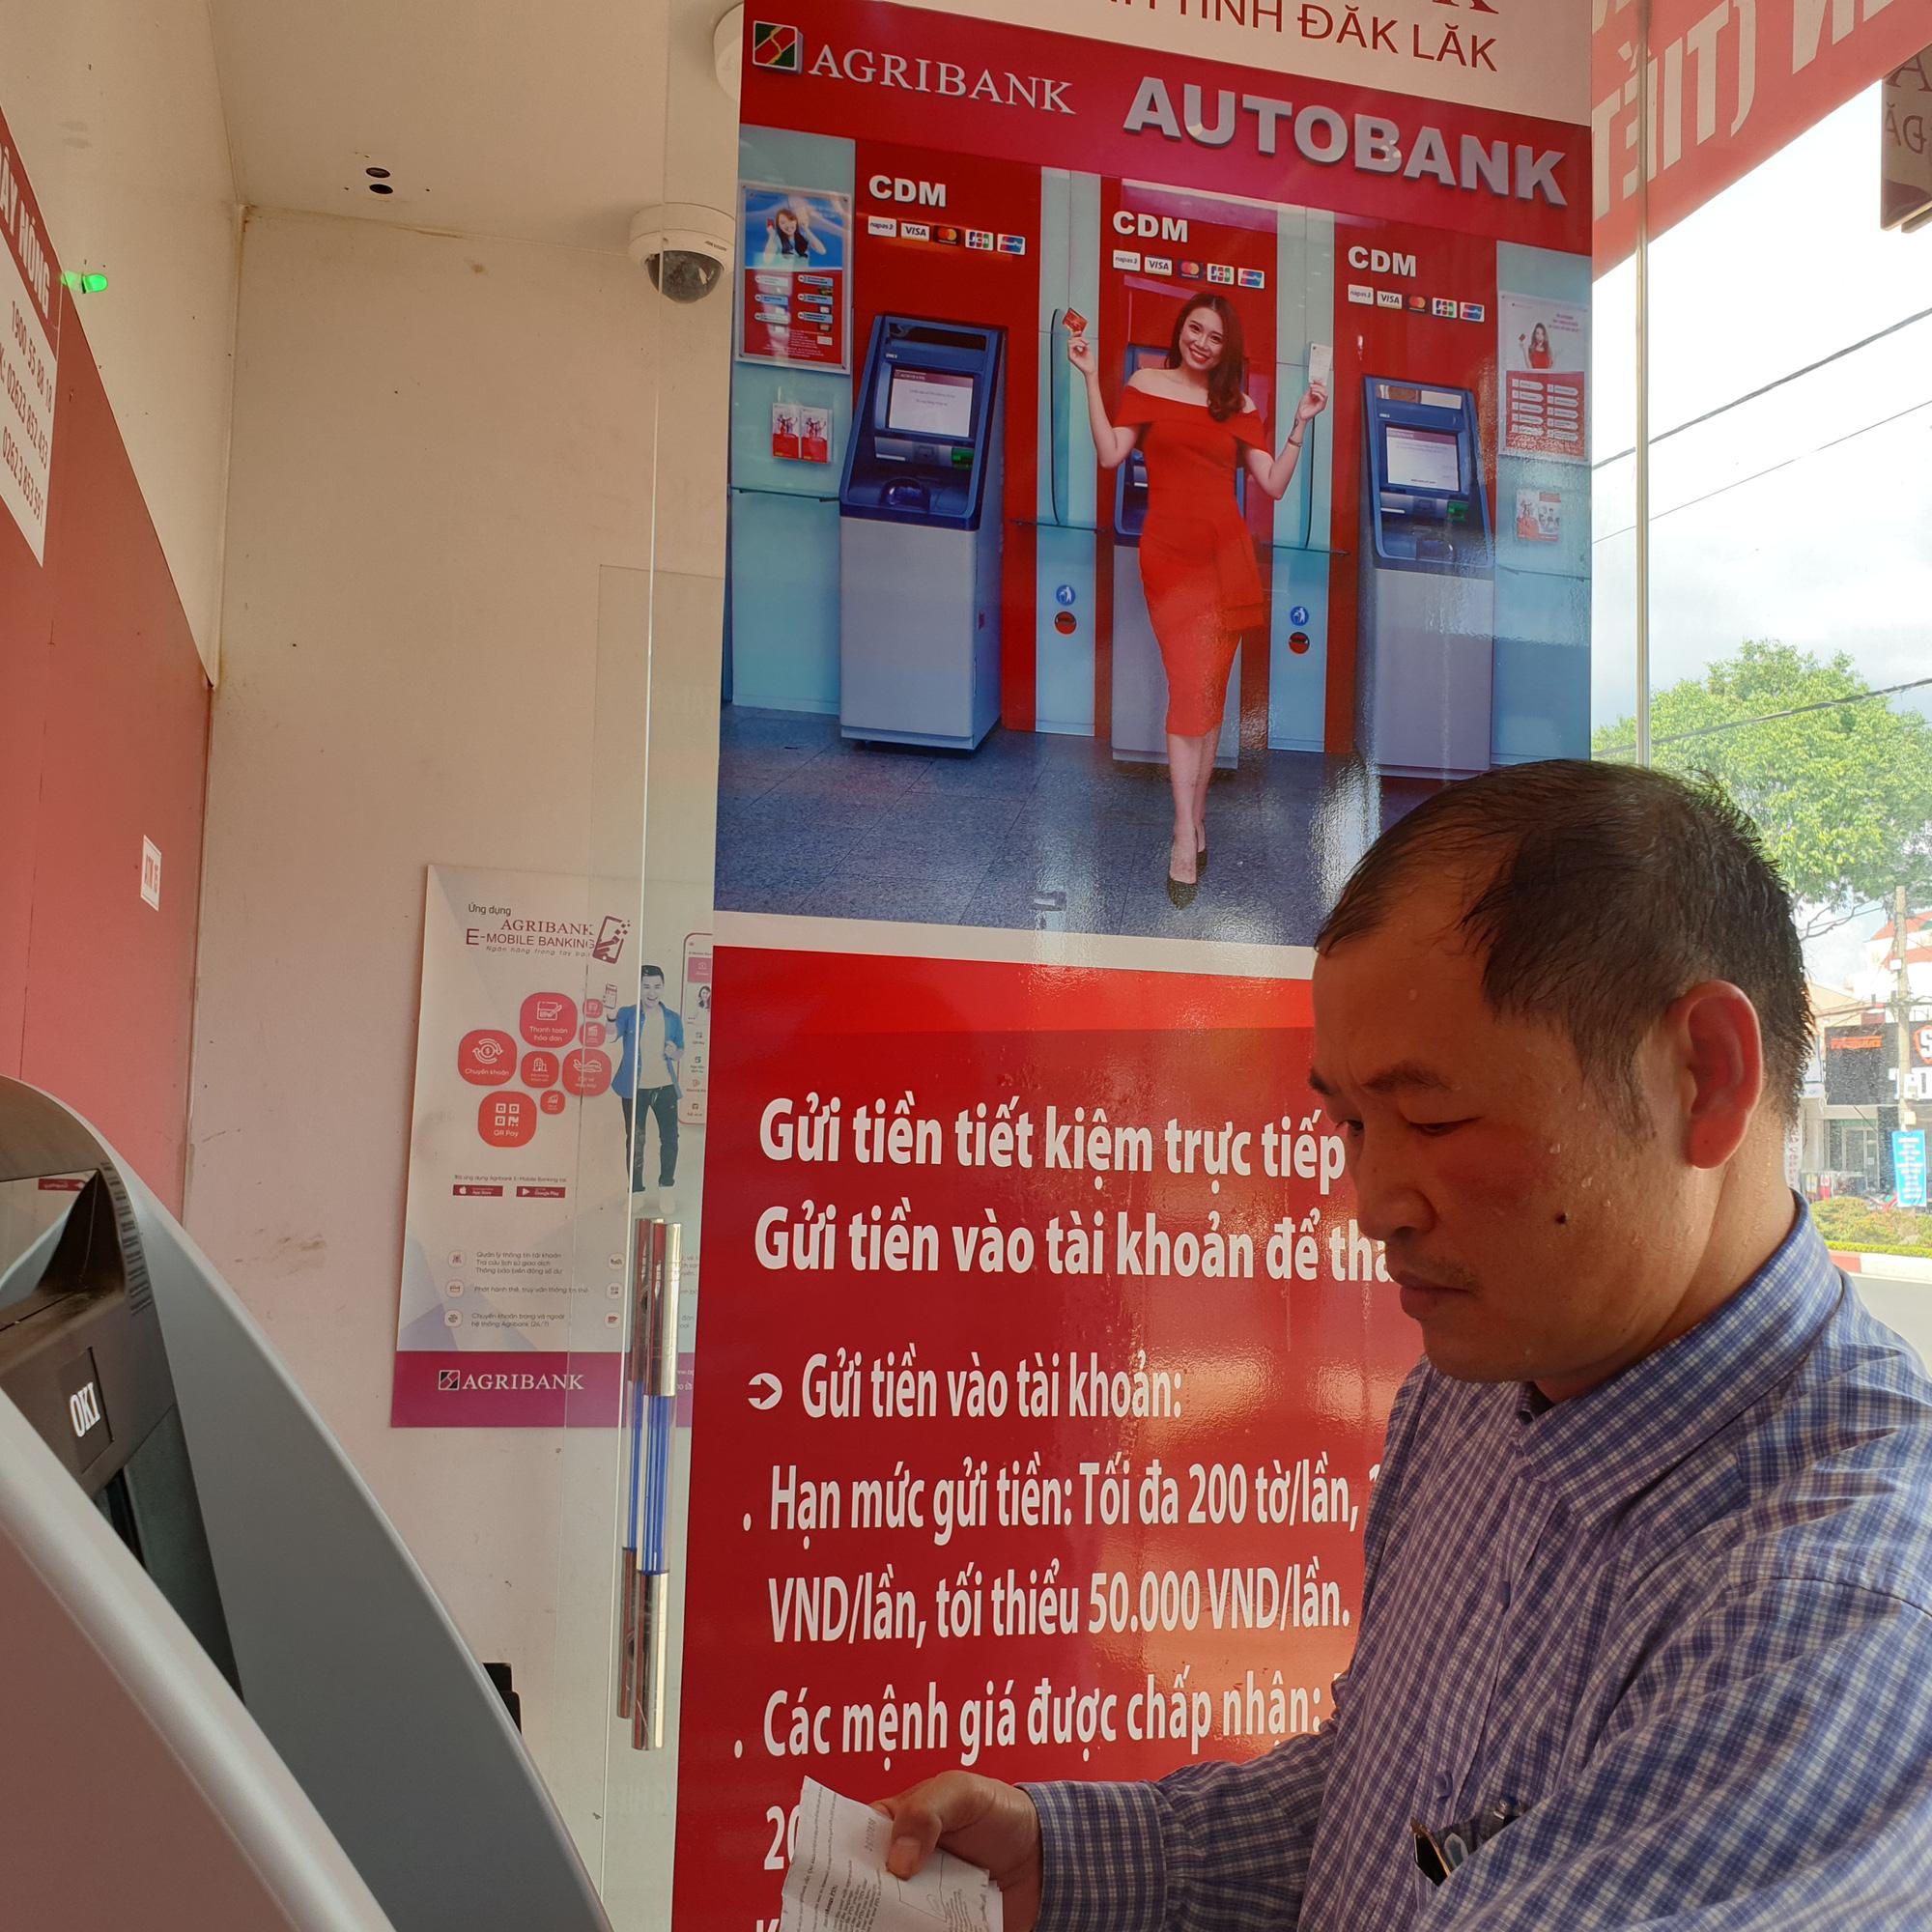 Agribank chi nhánh tỉnh Đắk Lắk trang bị máy CDM phục vụ khách hàng - Ảnh 1.